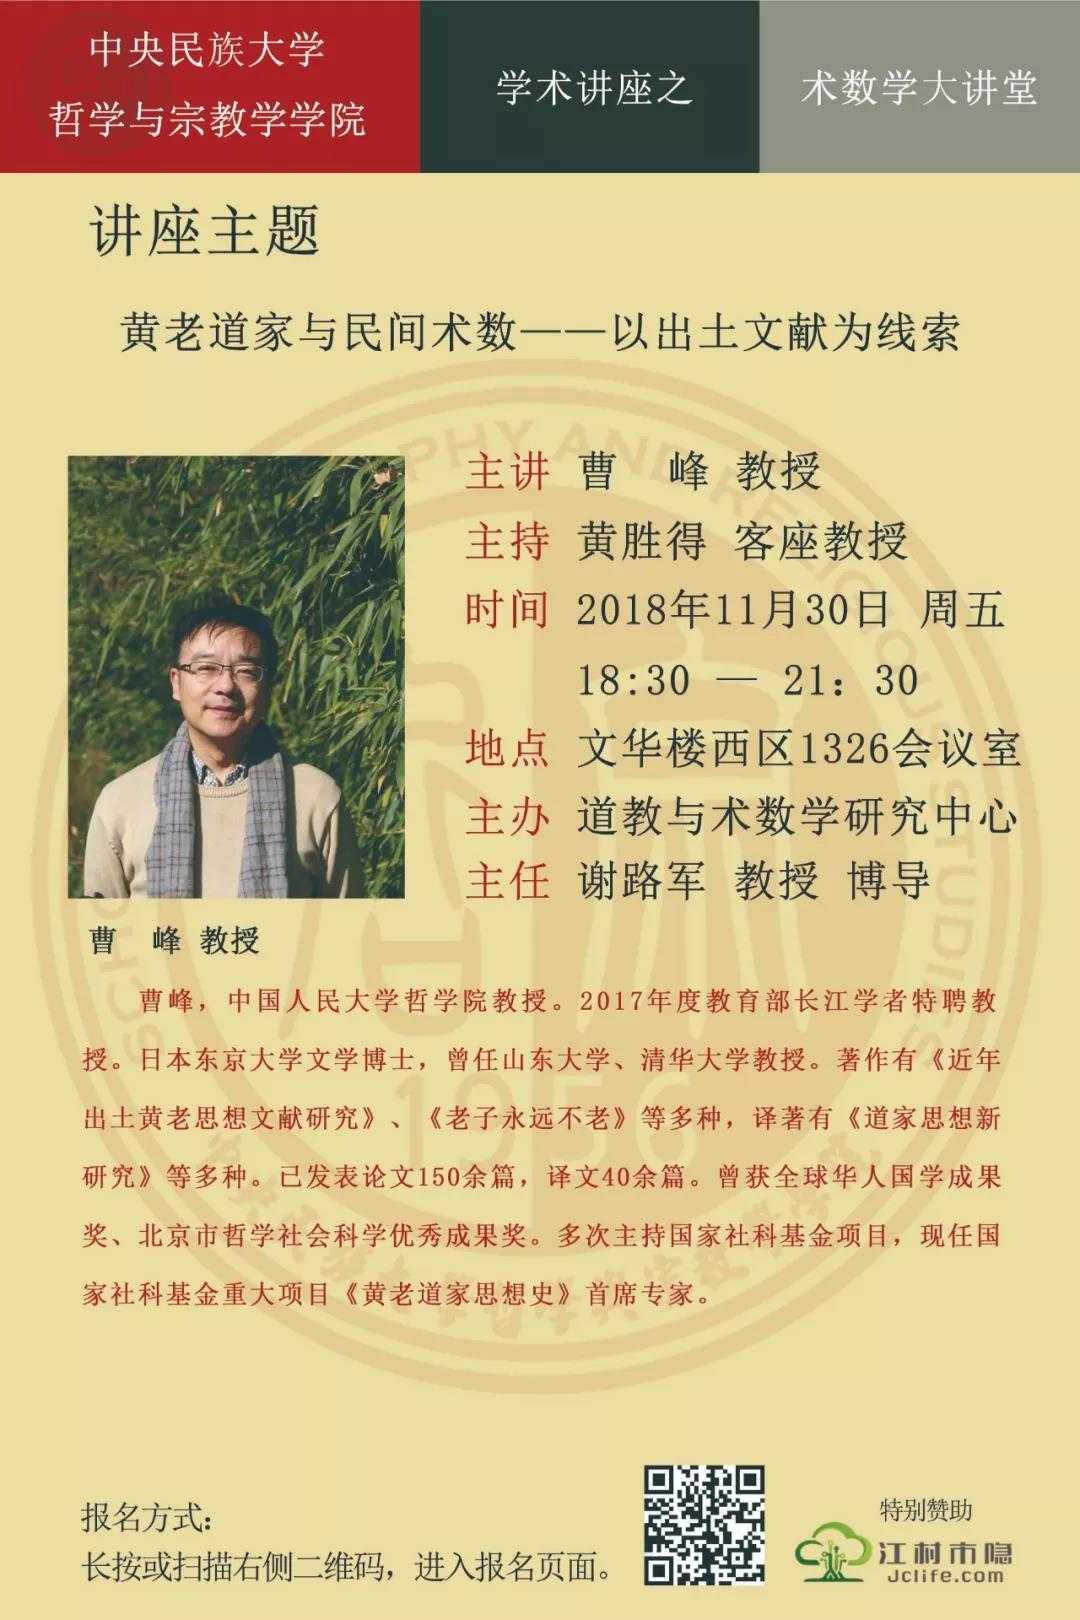 活动预告:黄老道家与民间术数